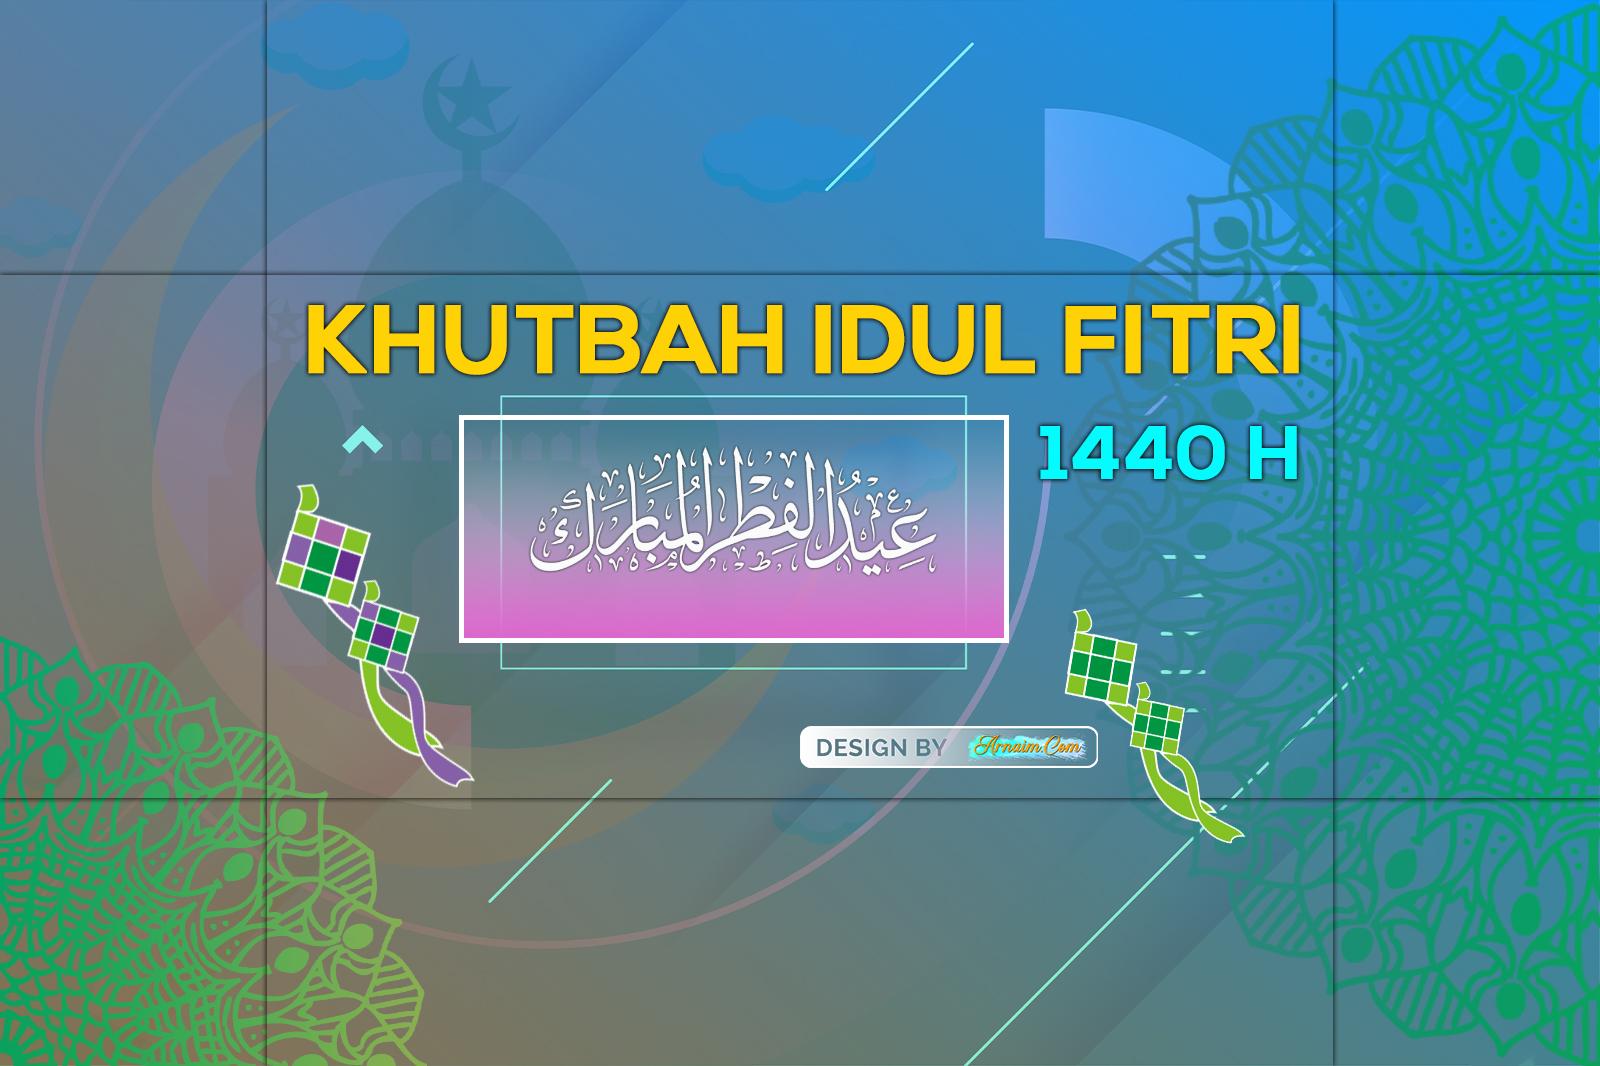 Khutbah Idul Fitri 1440 H - arnaim.com